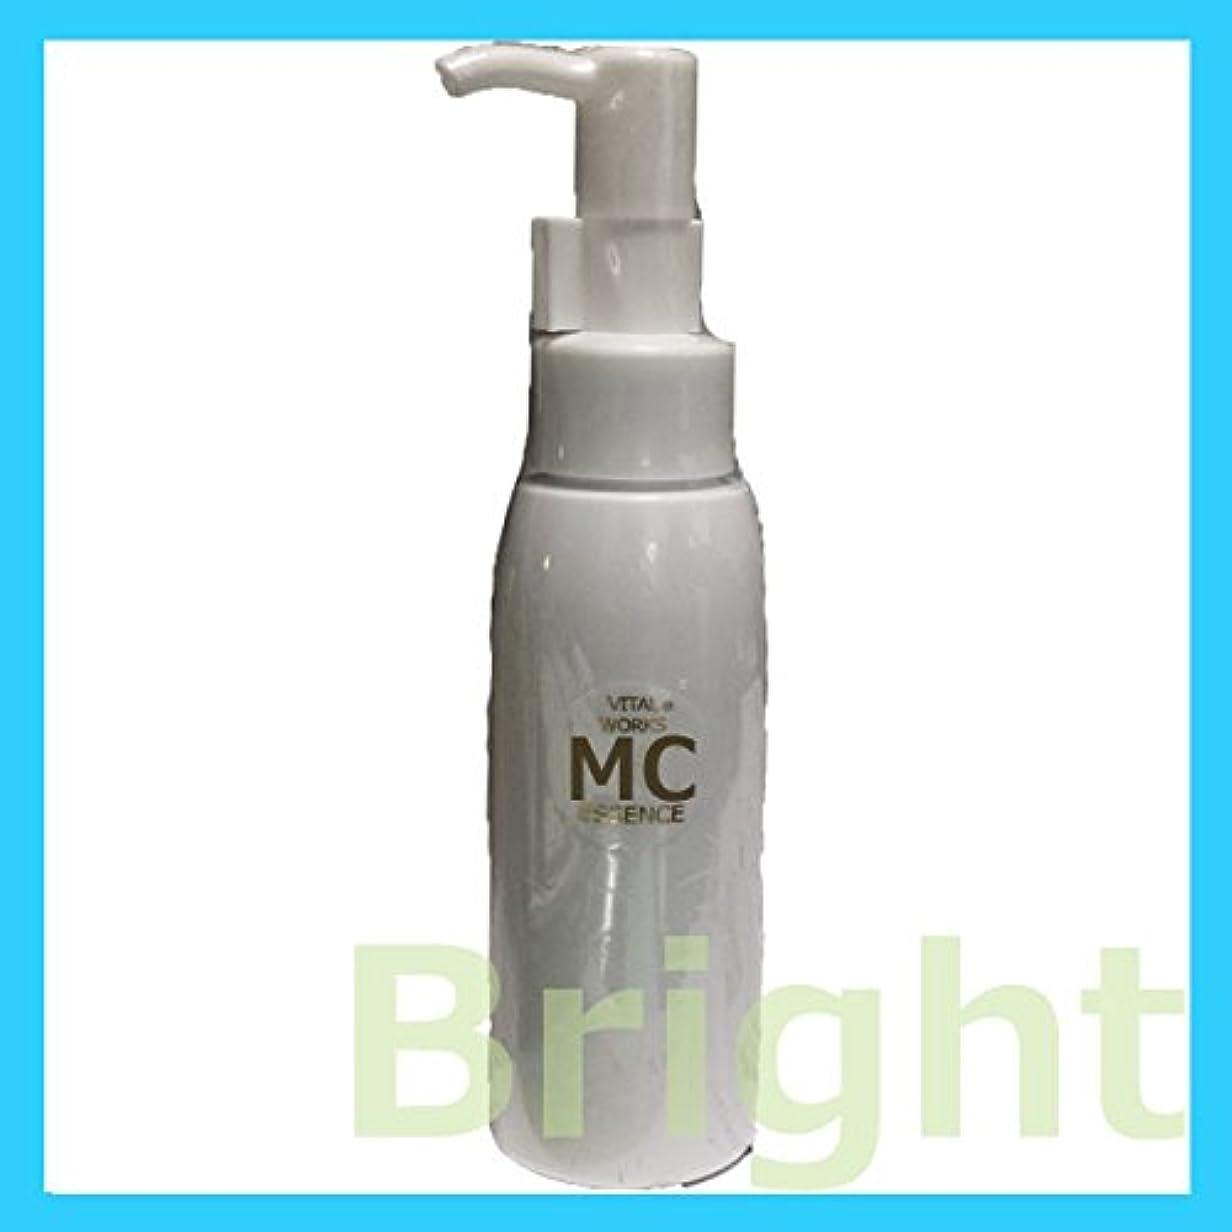 枯渇する褐色不良品バイタルワークス MCエッセンス 業務用 100ml (ハリ?弾力) 高機能美容液